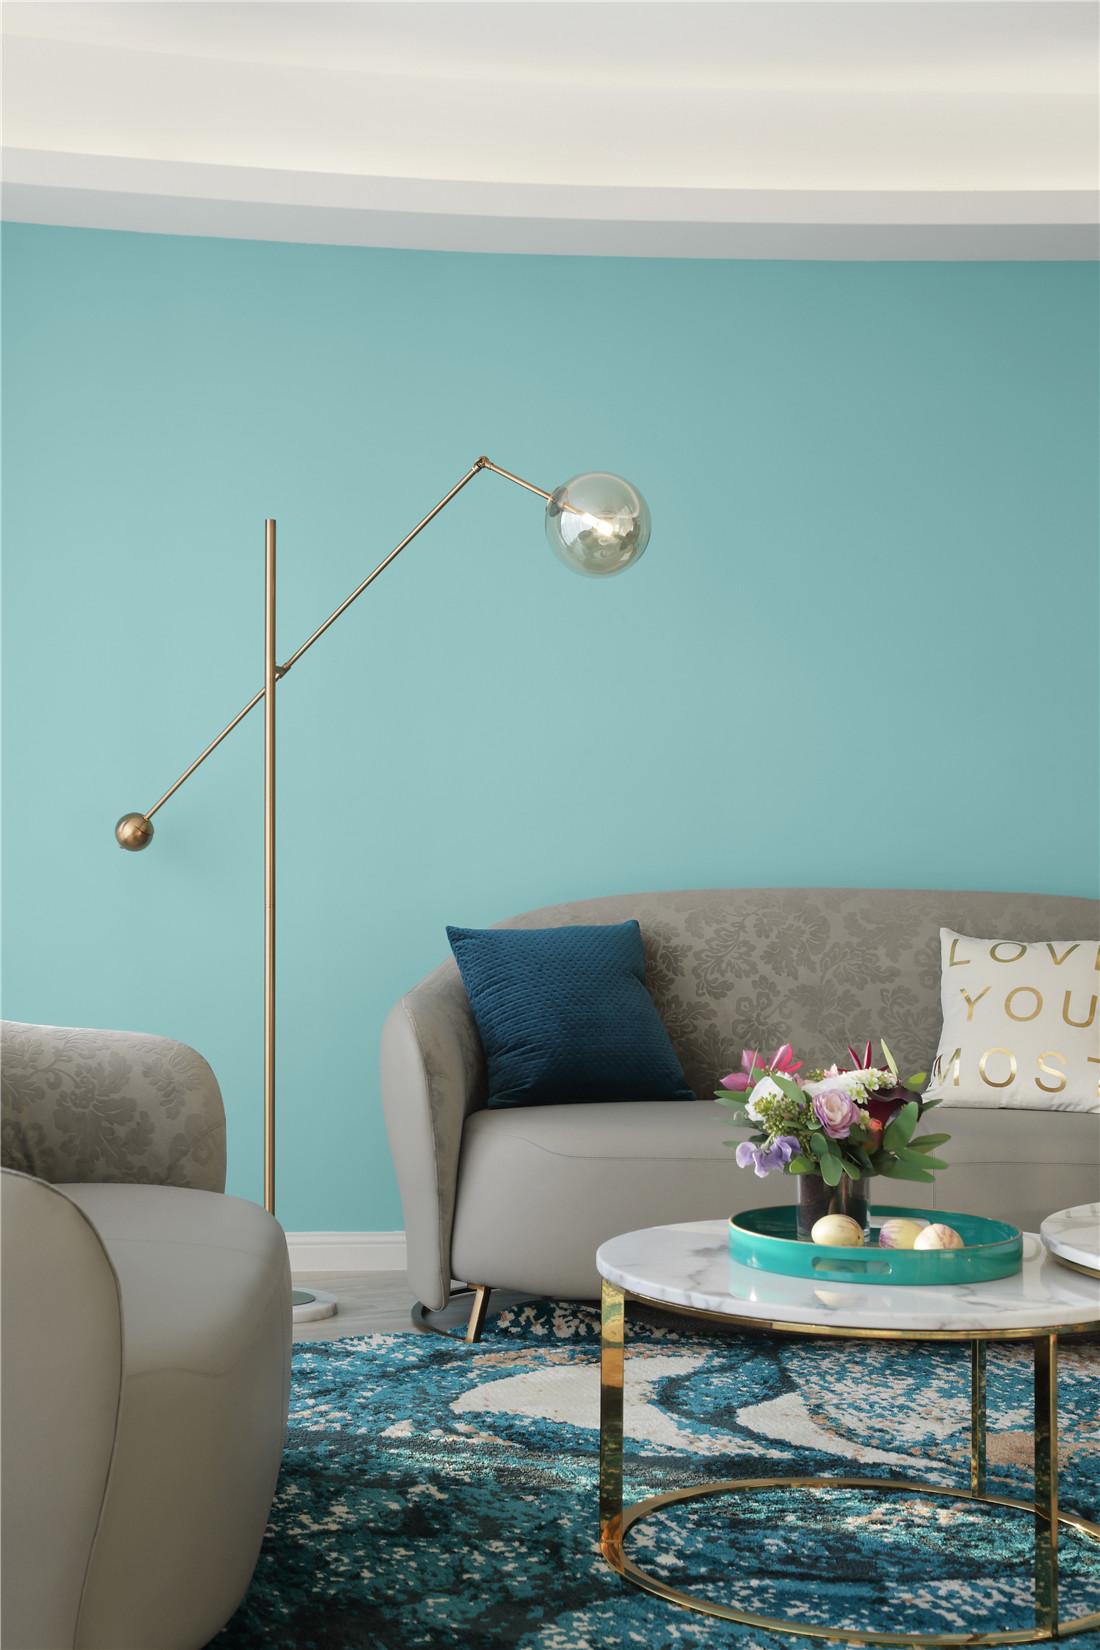 蒂芙尼蓝色现代风客厅落地灯设计客厅4图现代简约客厅设计图片赏析